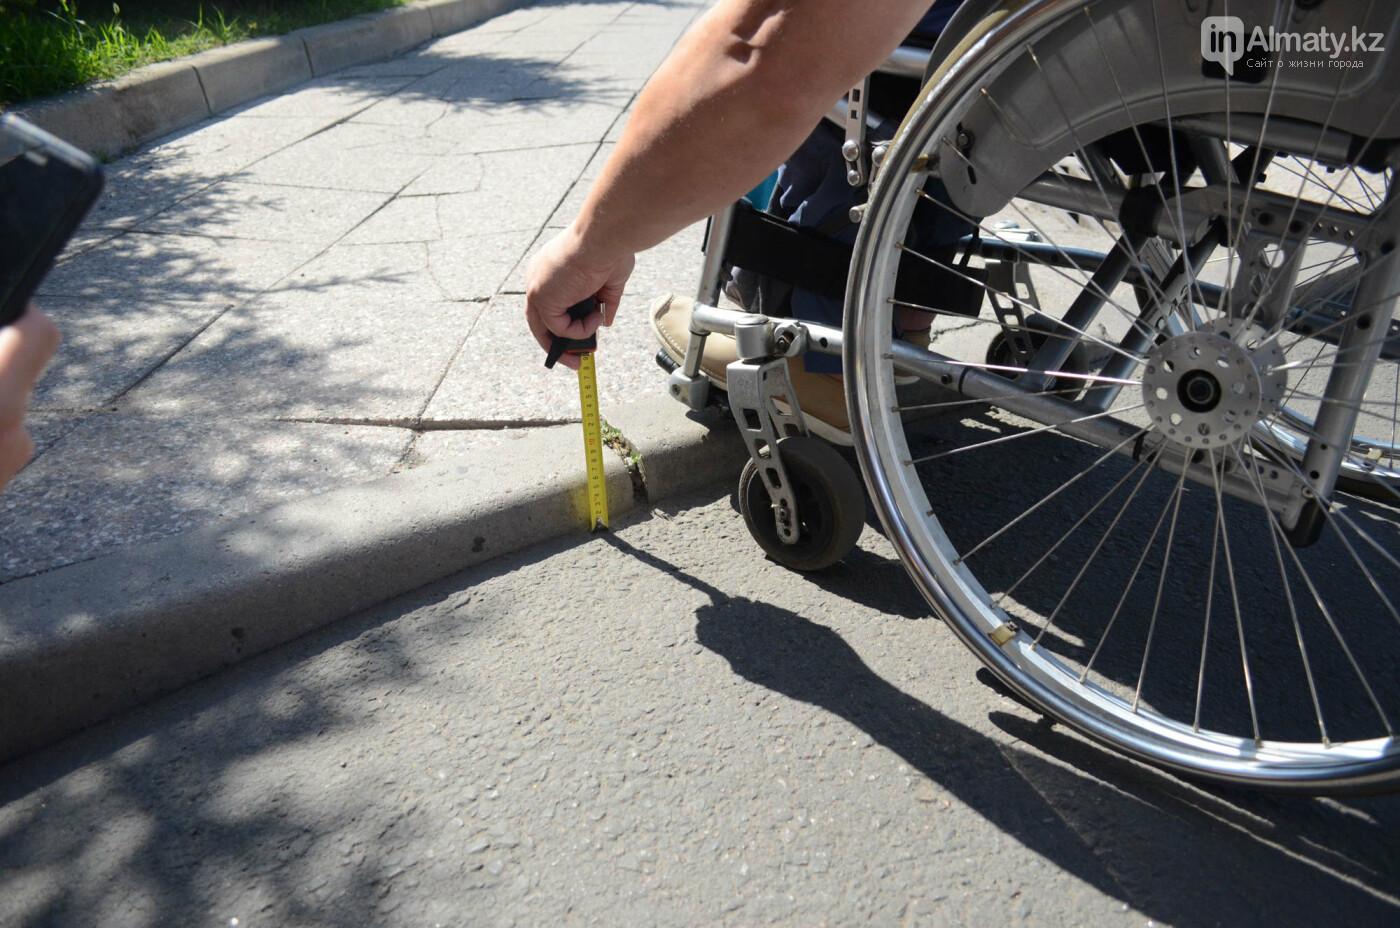 Недоступная среда: Почему реконструированная пешеходная зона по Назарбаева неудобна для инвалидов, фото-3